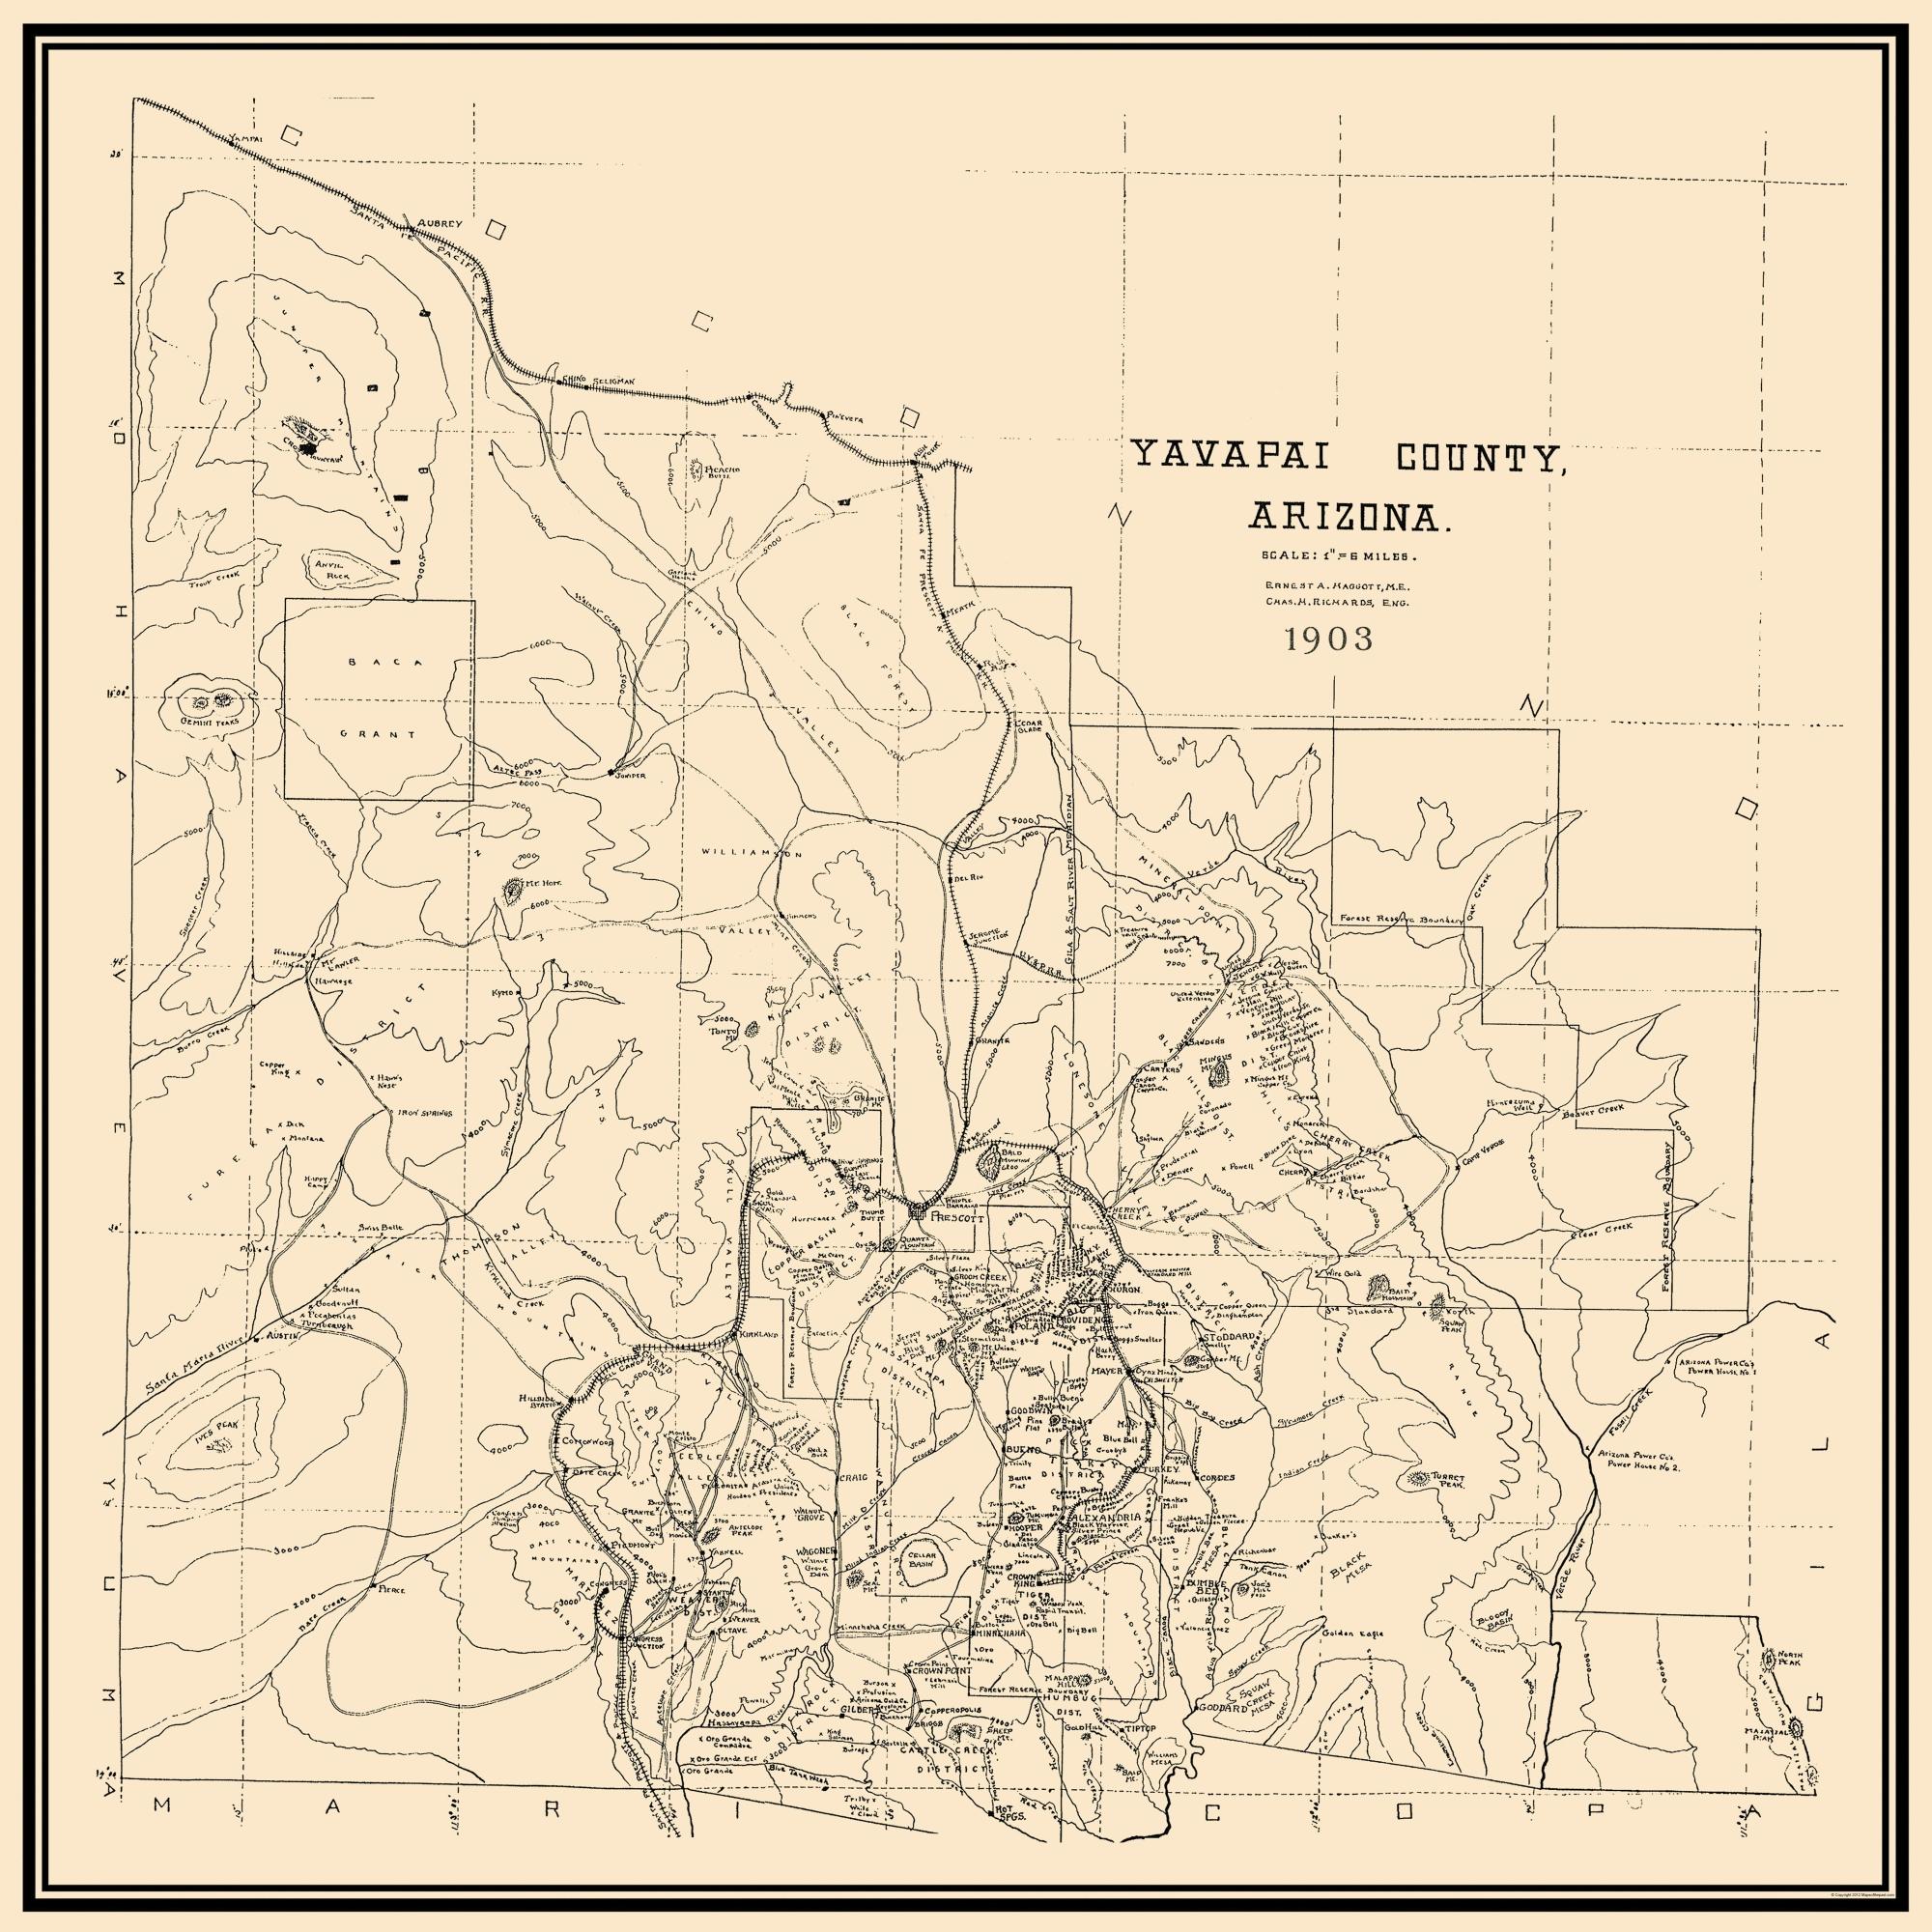 Map Of Old Arizona.Old County Map Yavapai Arizona 1903 23 X 23